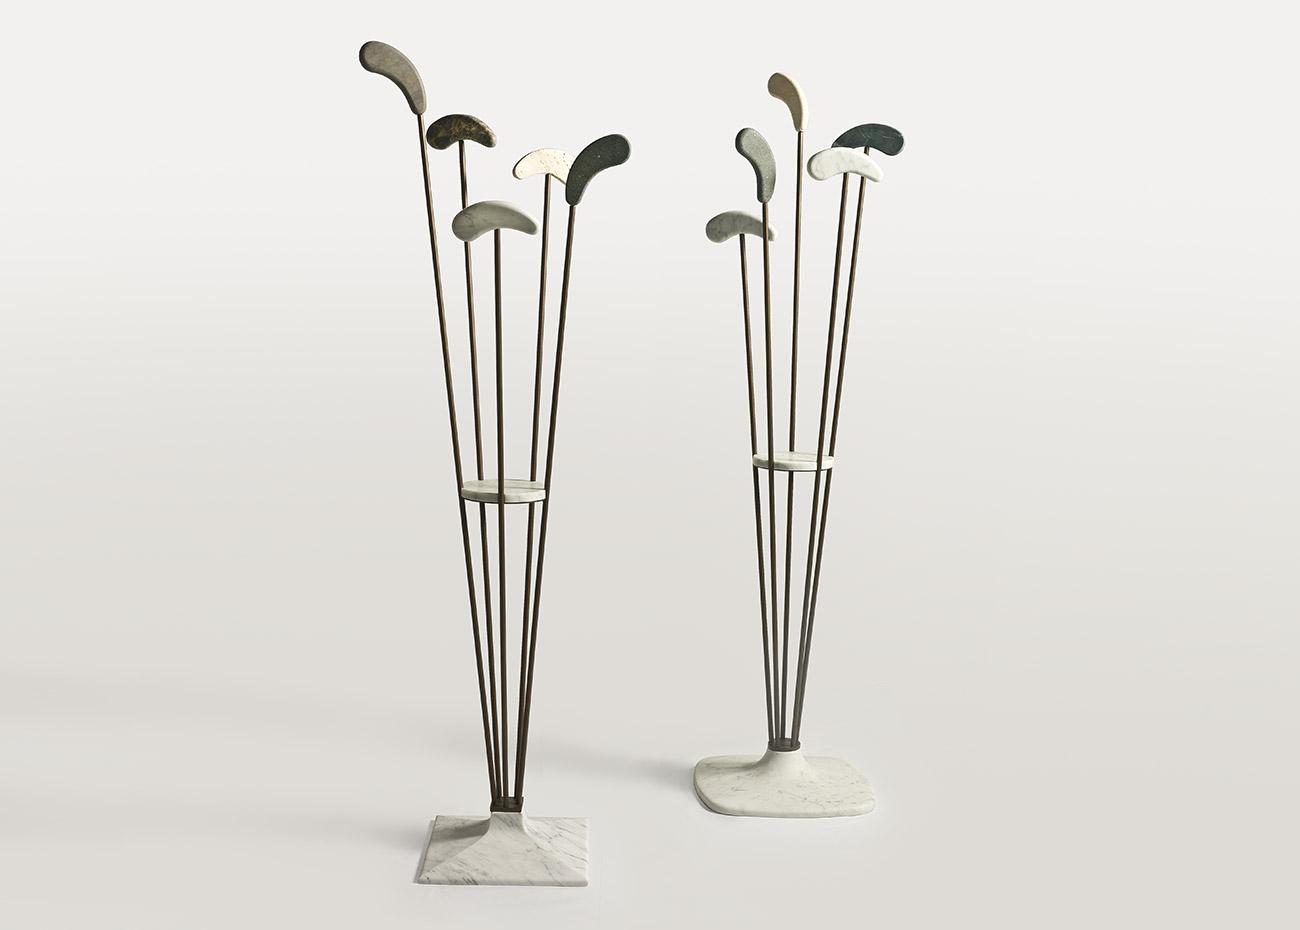 kuadro-e-redondo-design-collection-portabiti